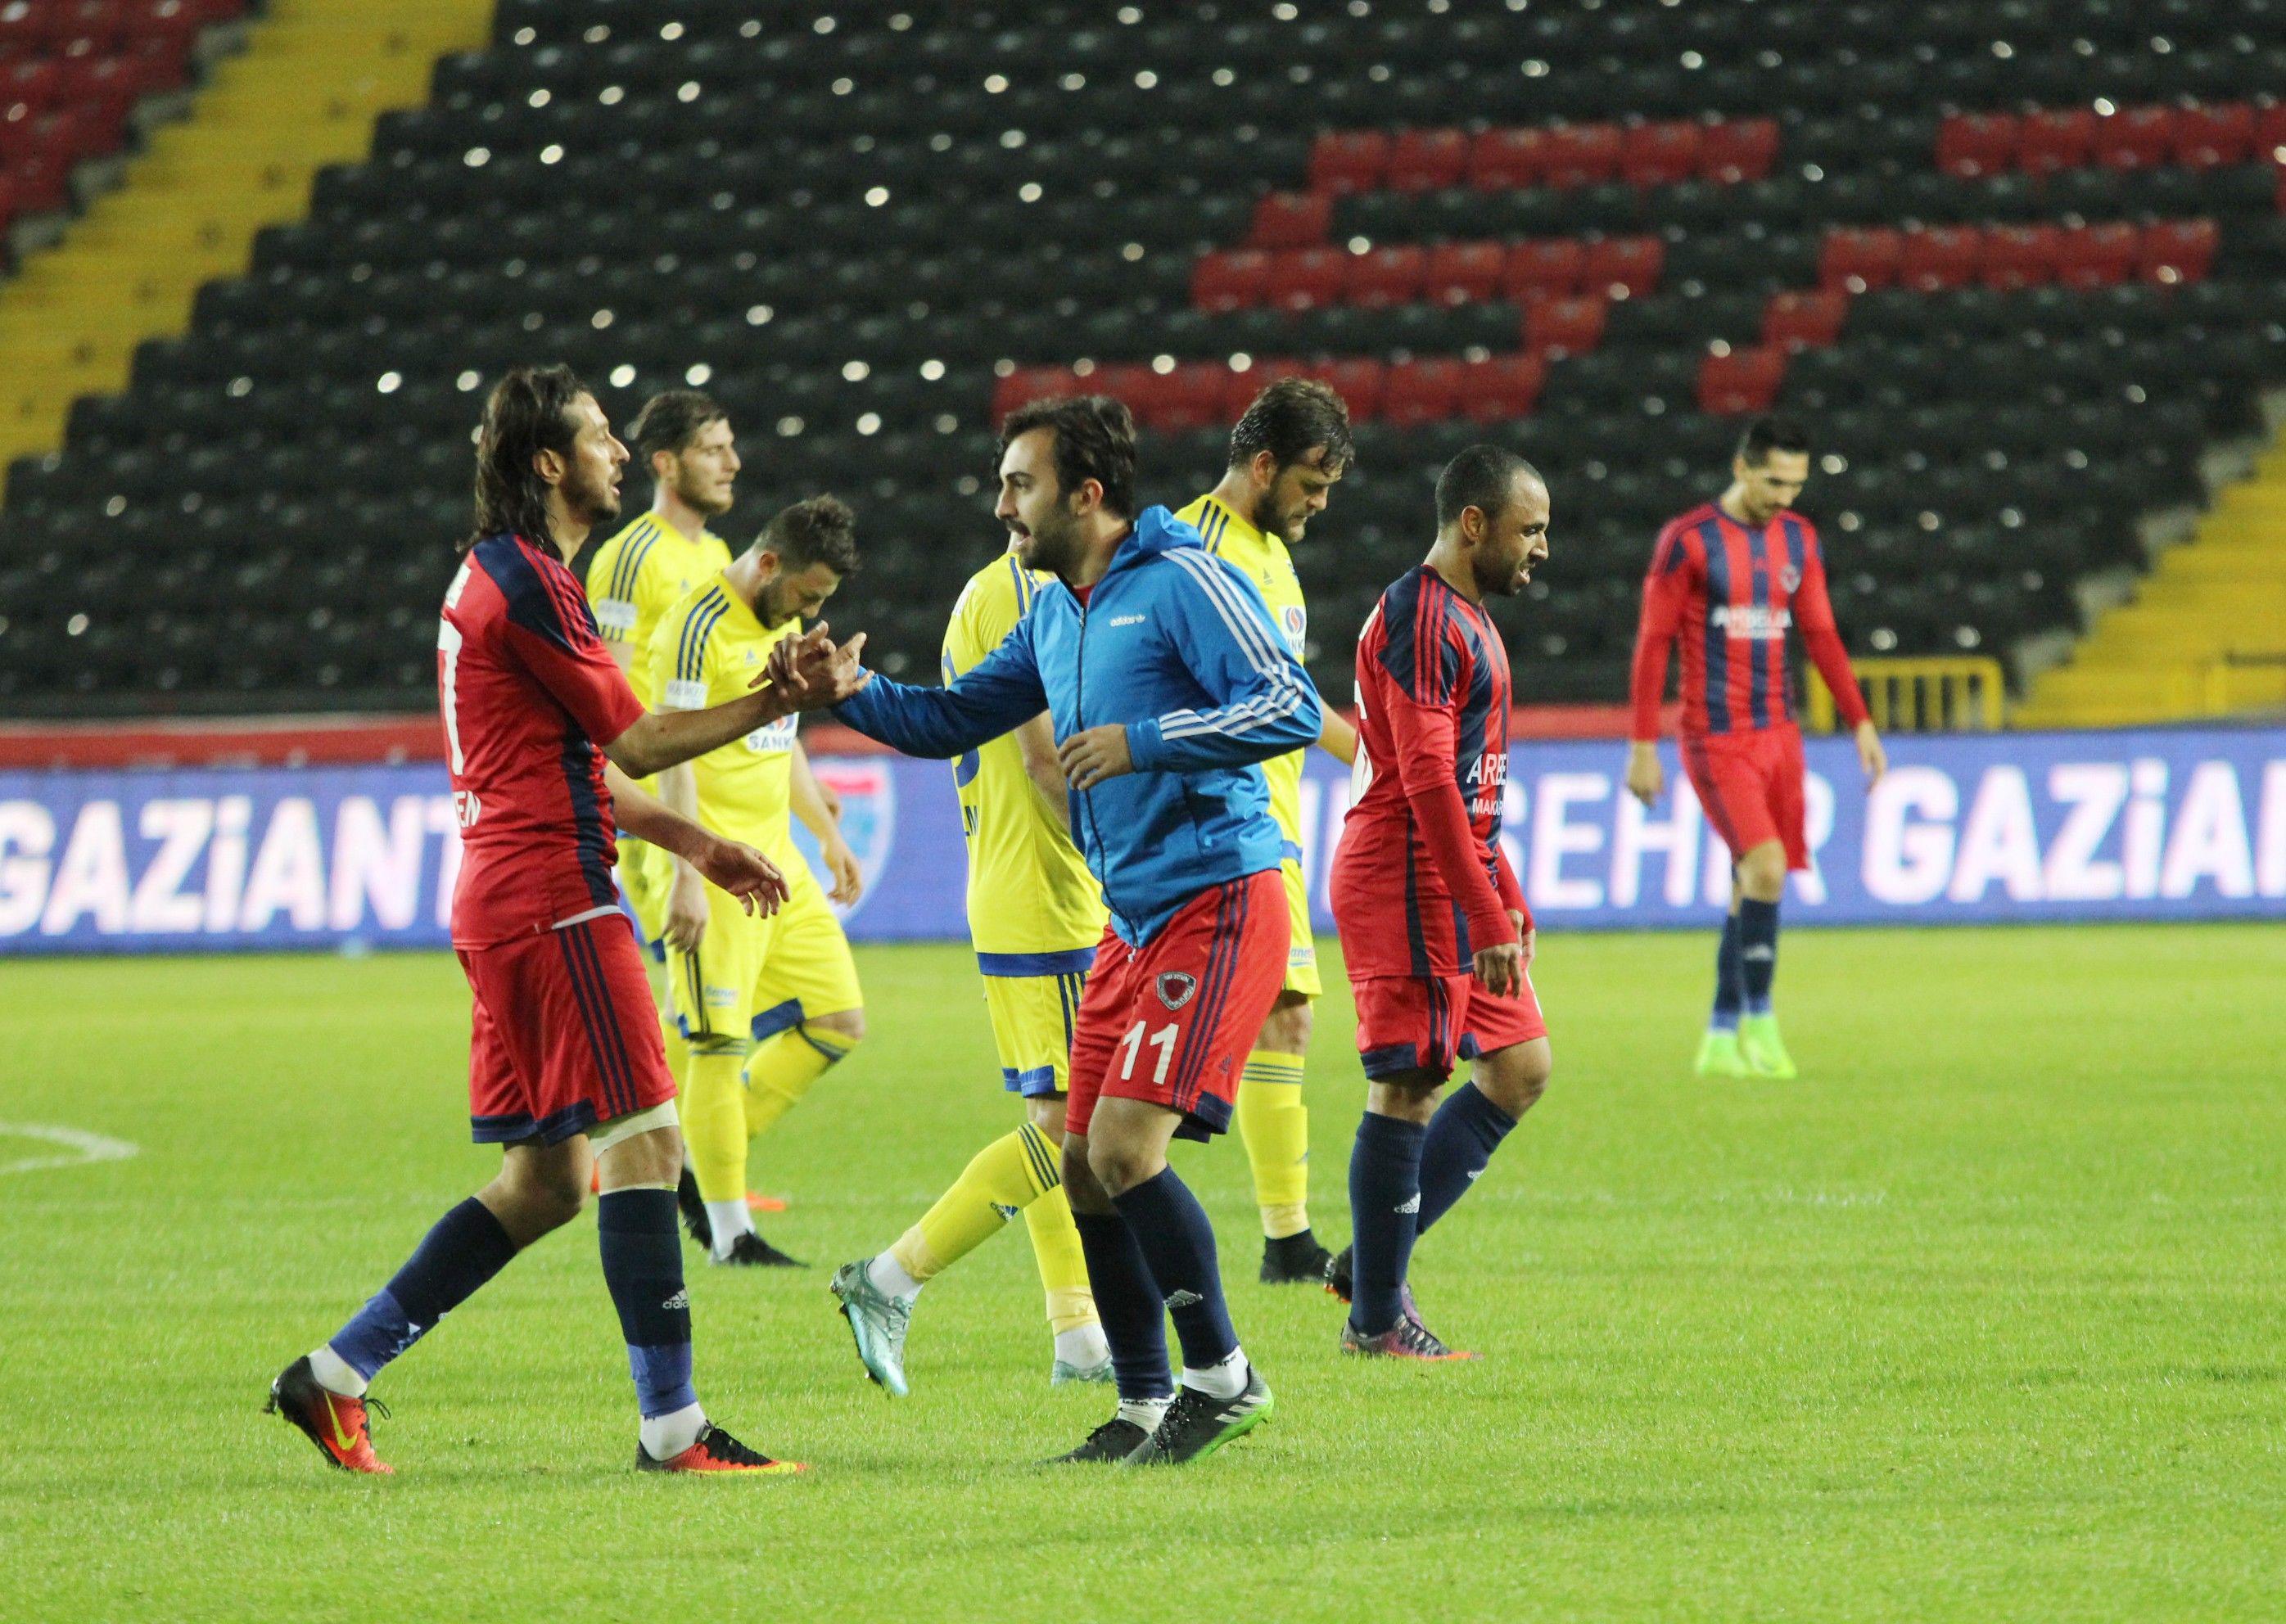 Büyükşehir Gaziantepspor- Mersin İdmanyurdu maç sonucu: 1-2